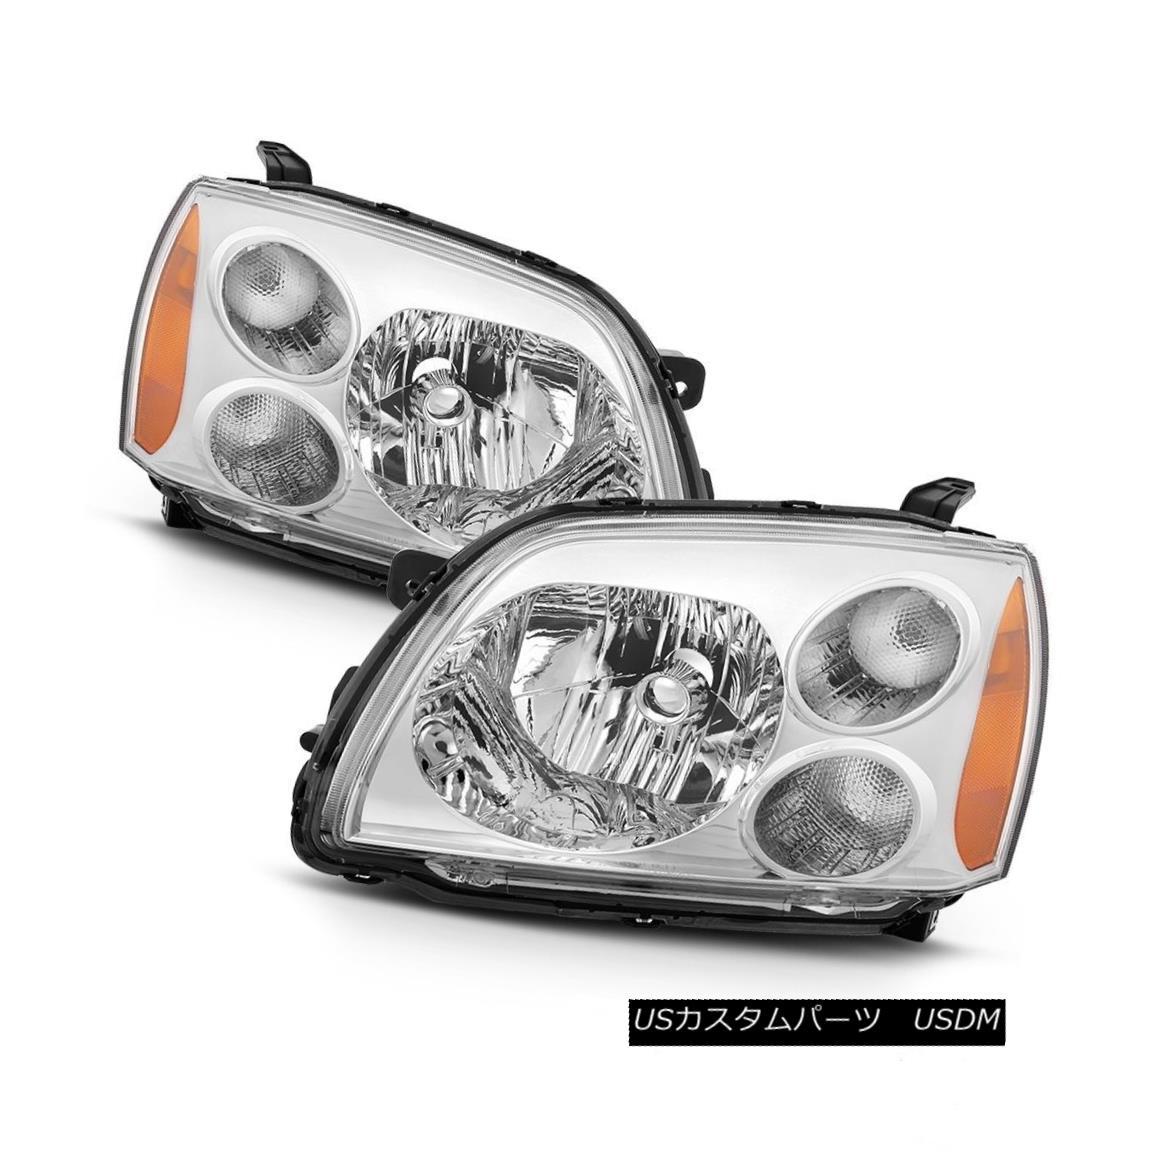 ヘッドライト Mitsubishi 04-12 Galant Chrome Housing Replacement Headlights Left+Right Set 三菱04-12 Galantクロムハウジング交換ヘッドライト左+右セット